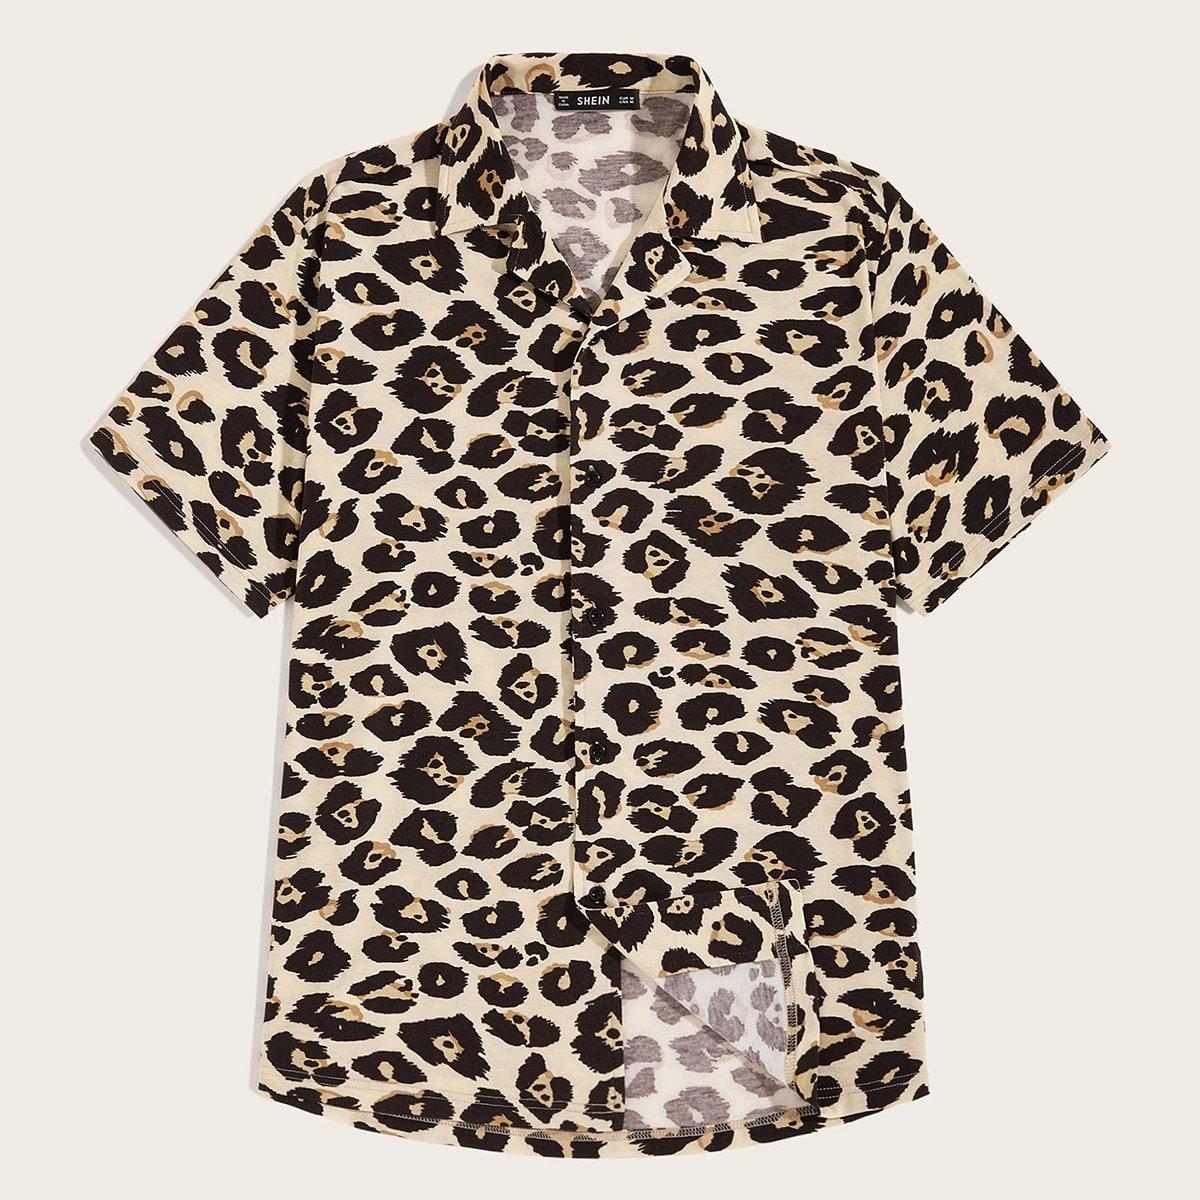 Veel kleurig Casual Luipaard Overhemden voor heren Voorpand met Knoopjes